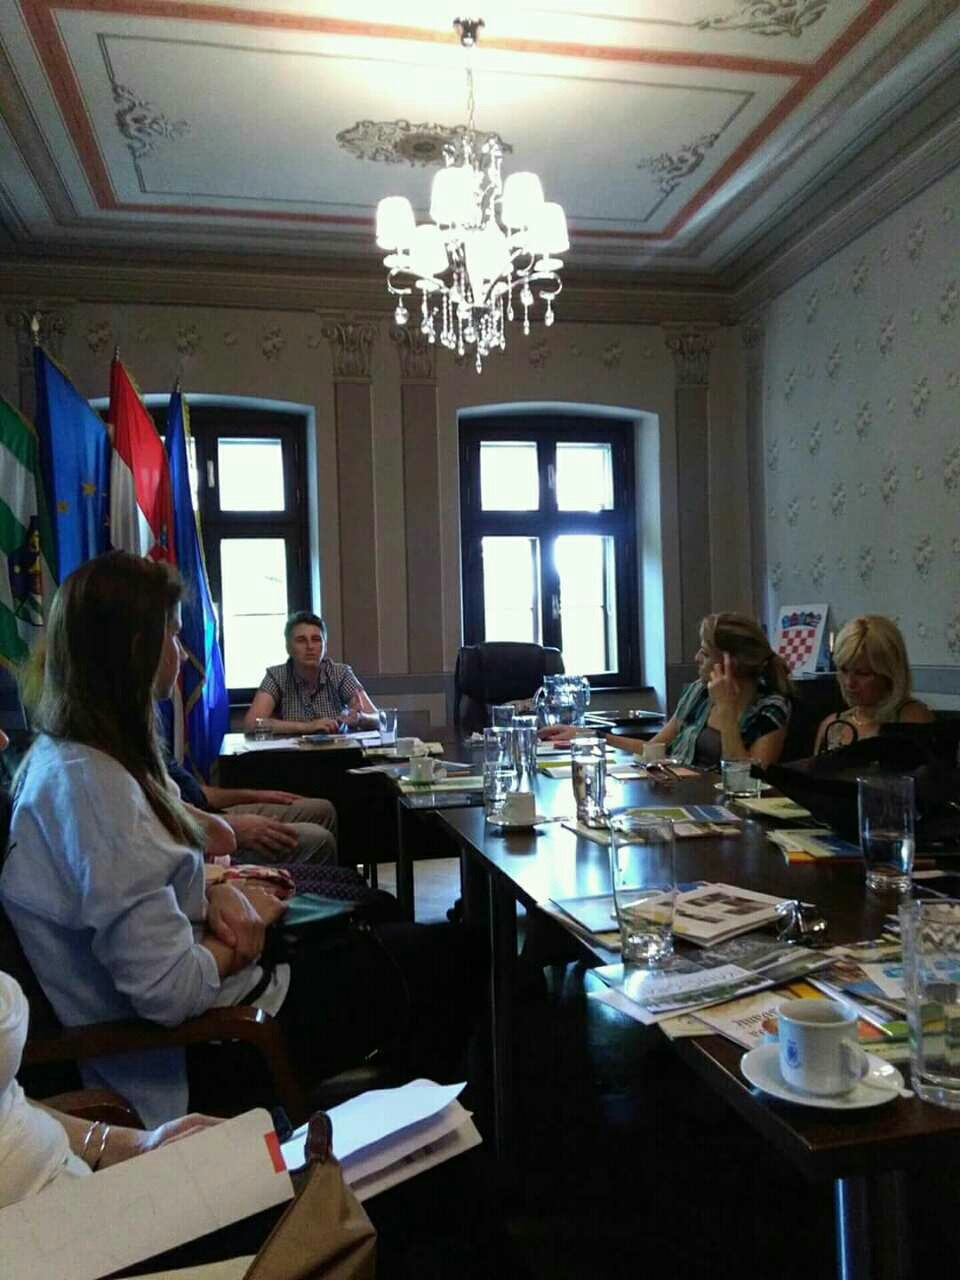 Vlatka Berlan, stručna saradnica za projekte i fondove EU u Ivanić gradu istakla je predstavnicima iz Srbije da je upravo ovaj gradić jedan od najboljih primera primene energetske efikasnosti u Hrvatskoj Foto--URP